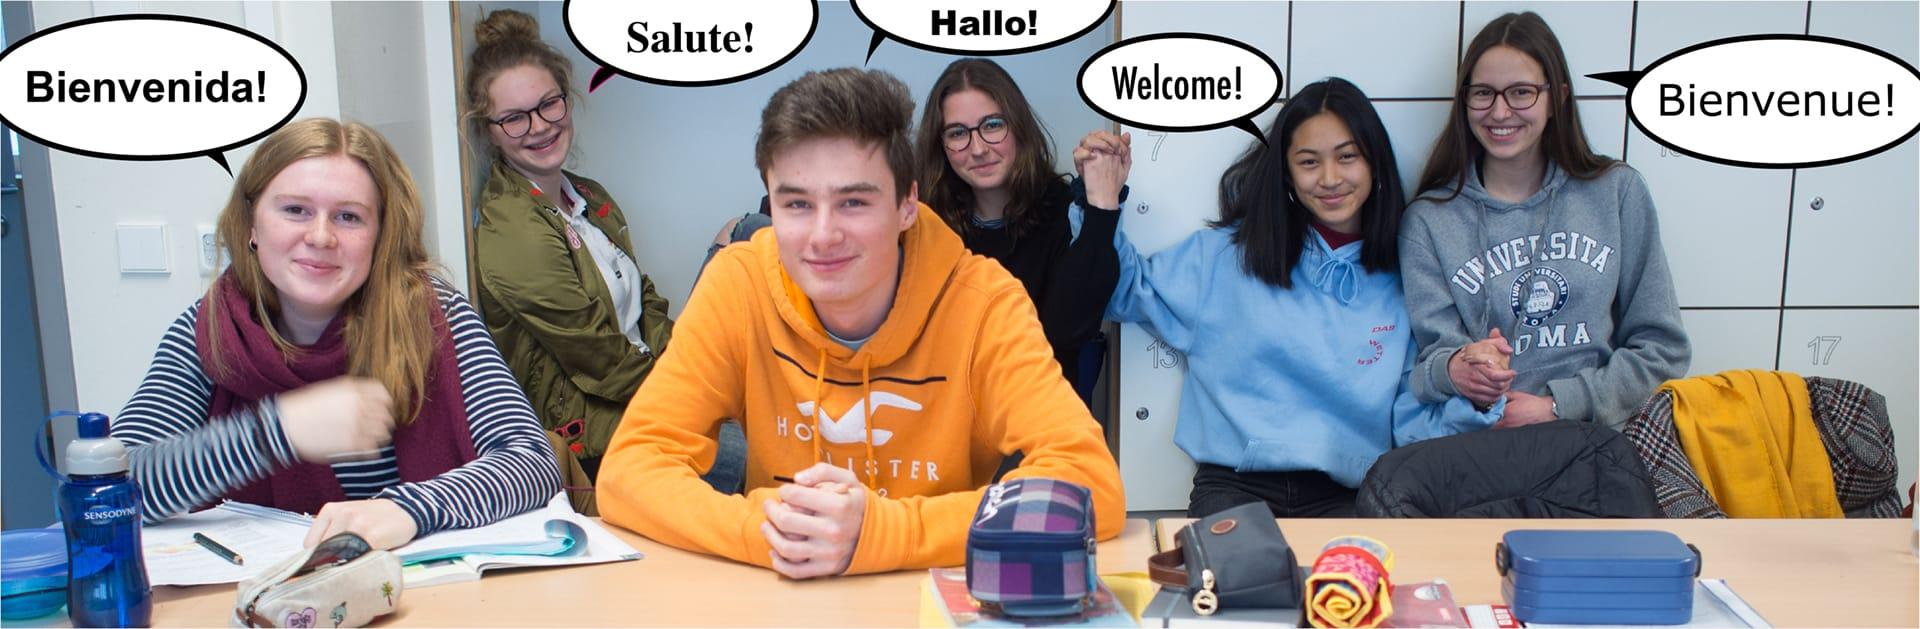 Wir können uns kennenlernen französisch